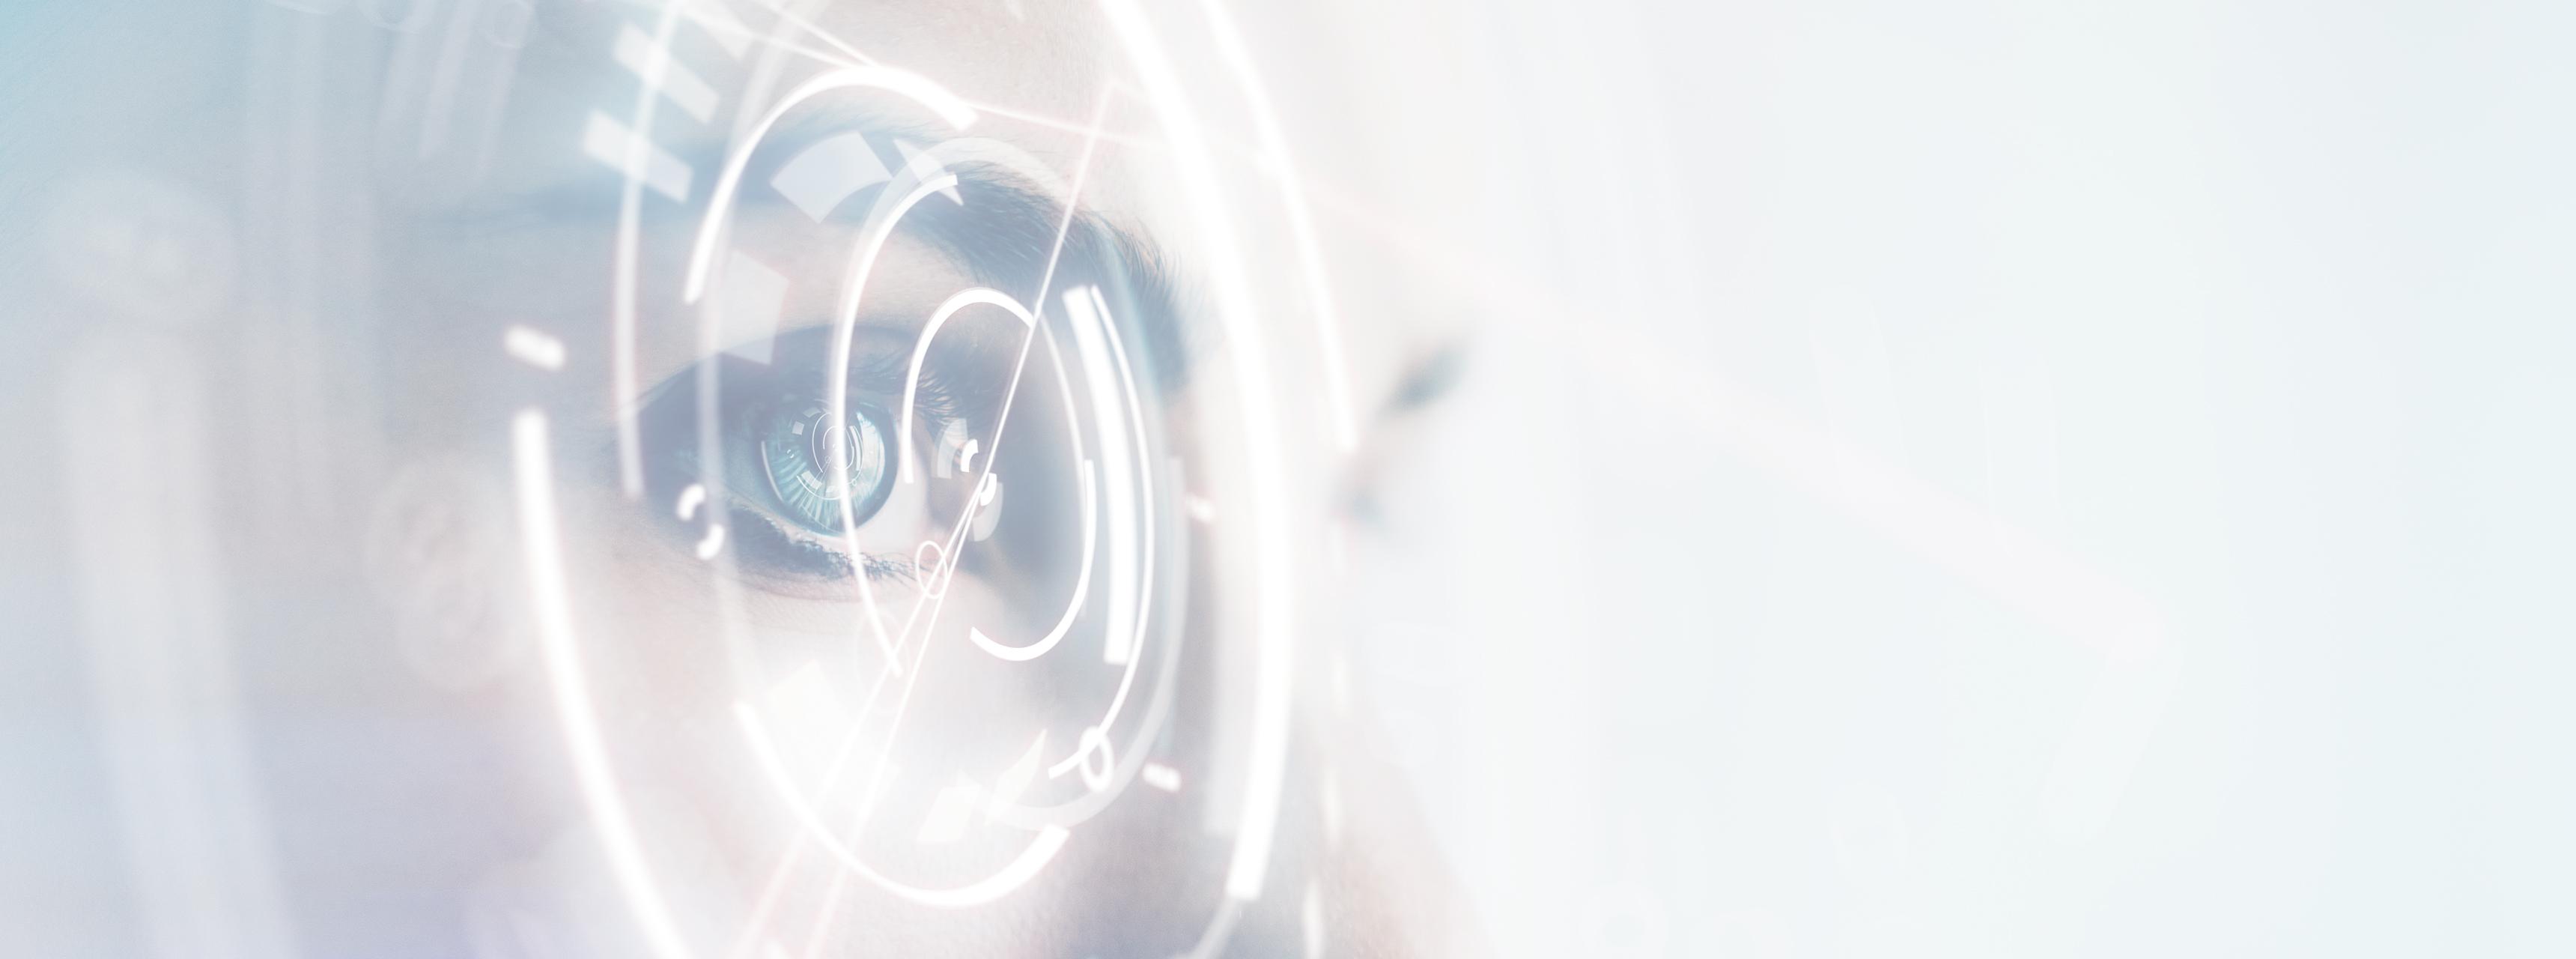 kognitív tevékenység látássérüléssel mit jelent a látás 80